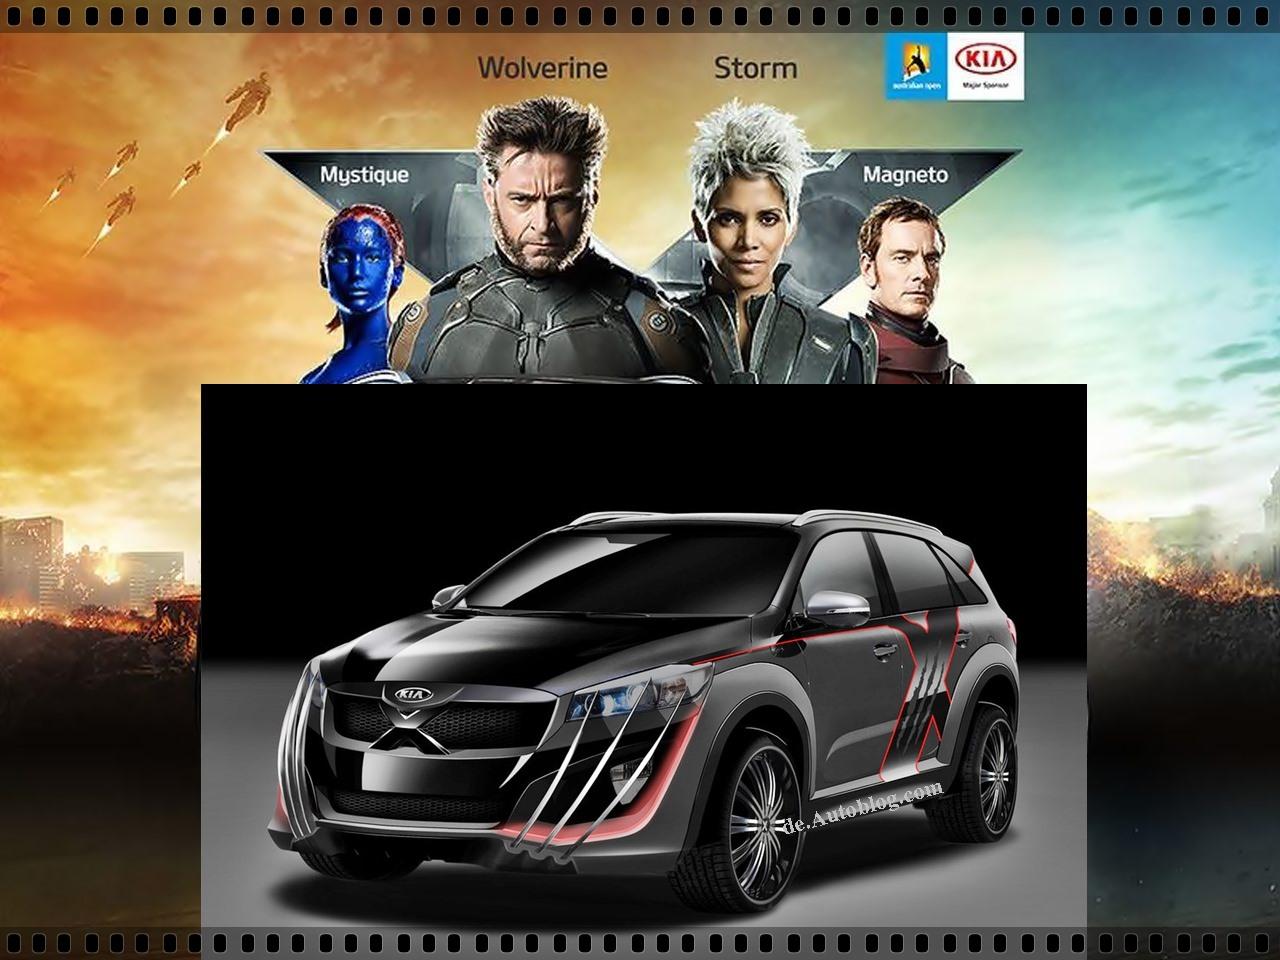 Kia Sorento X-car inspiriert von X-men und Wolverine